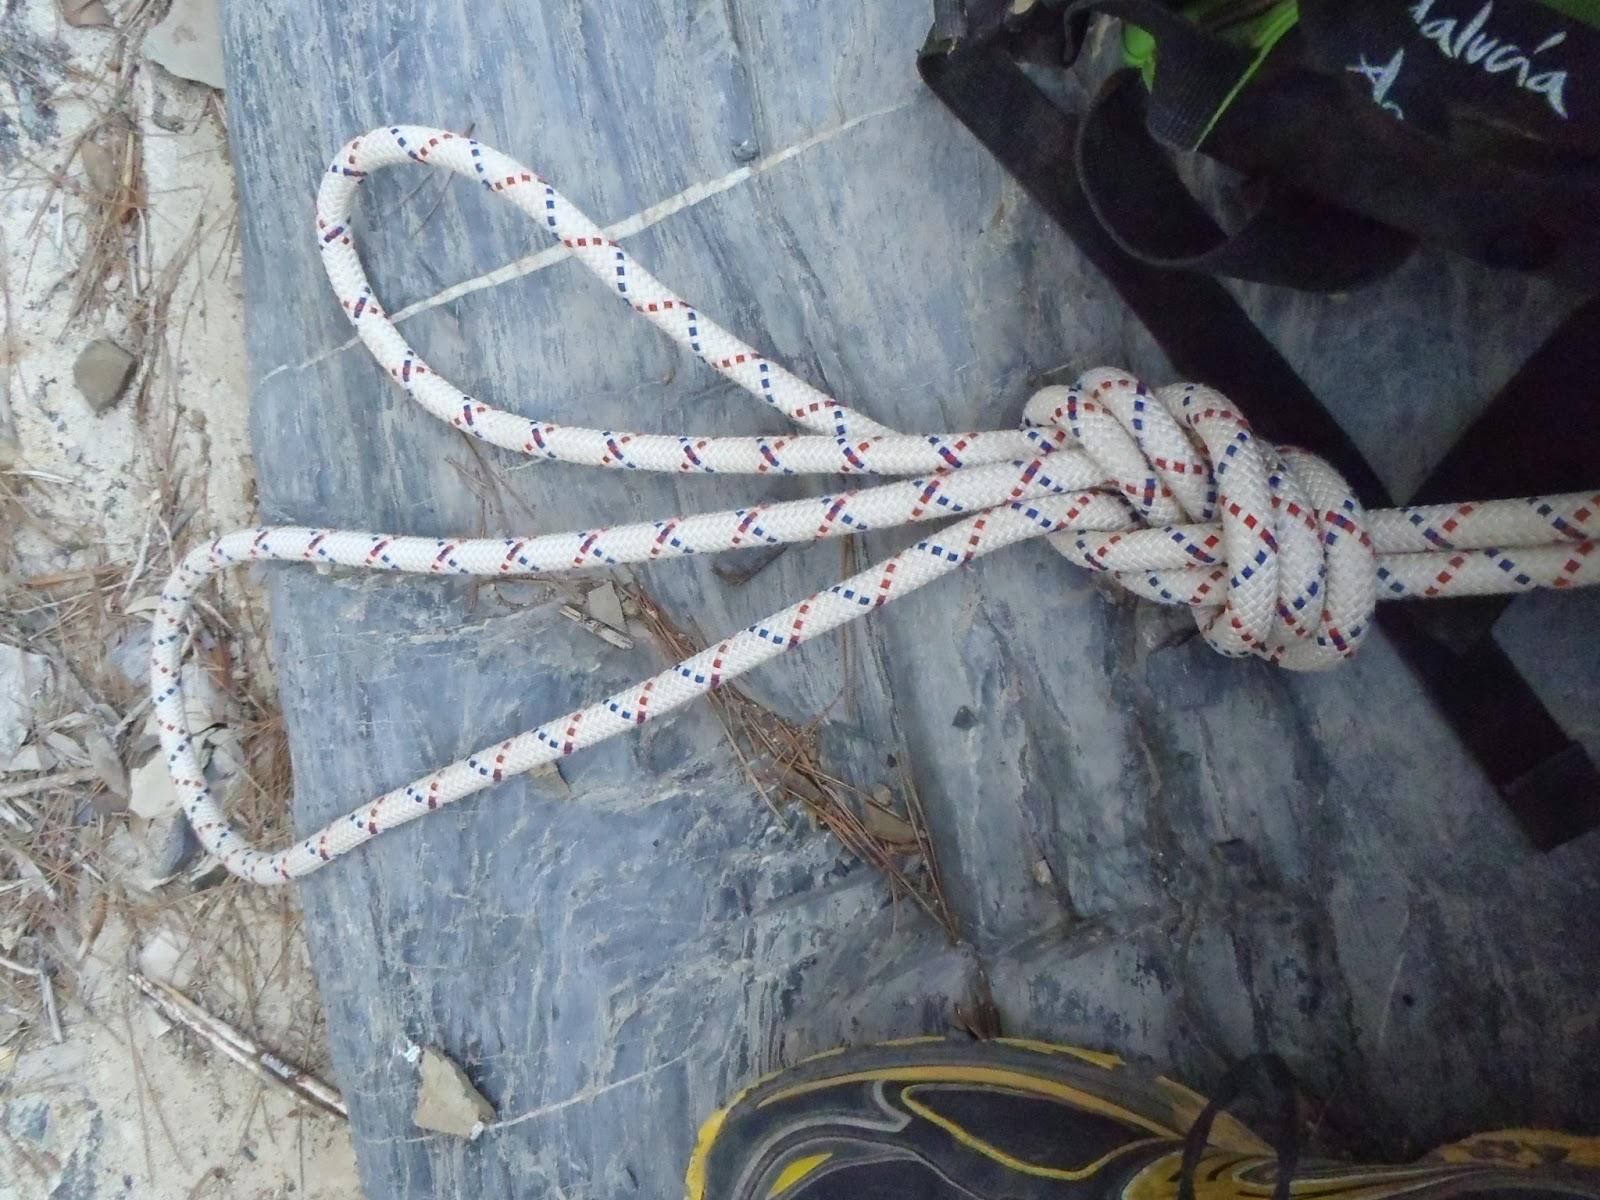 Pasamanos de cuerda junto a esta escalera de acero negro - Pasamanos de cuerda ...